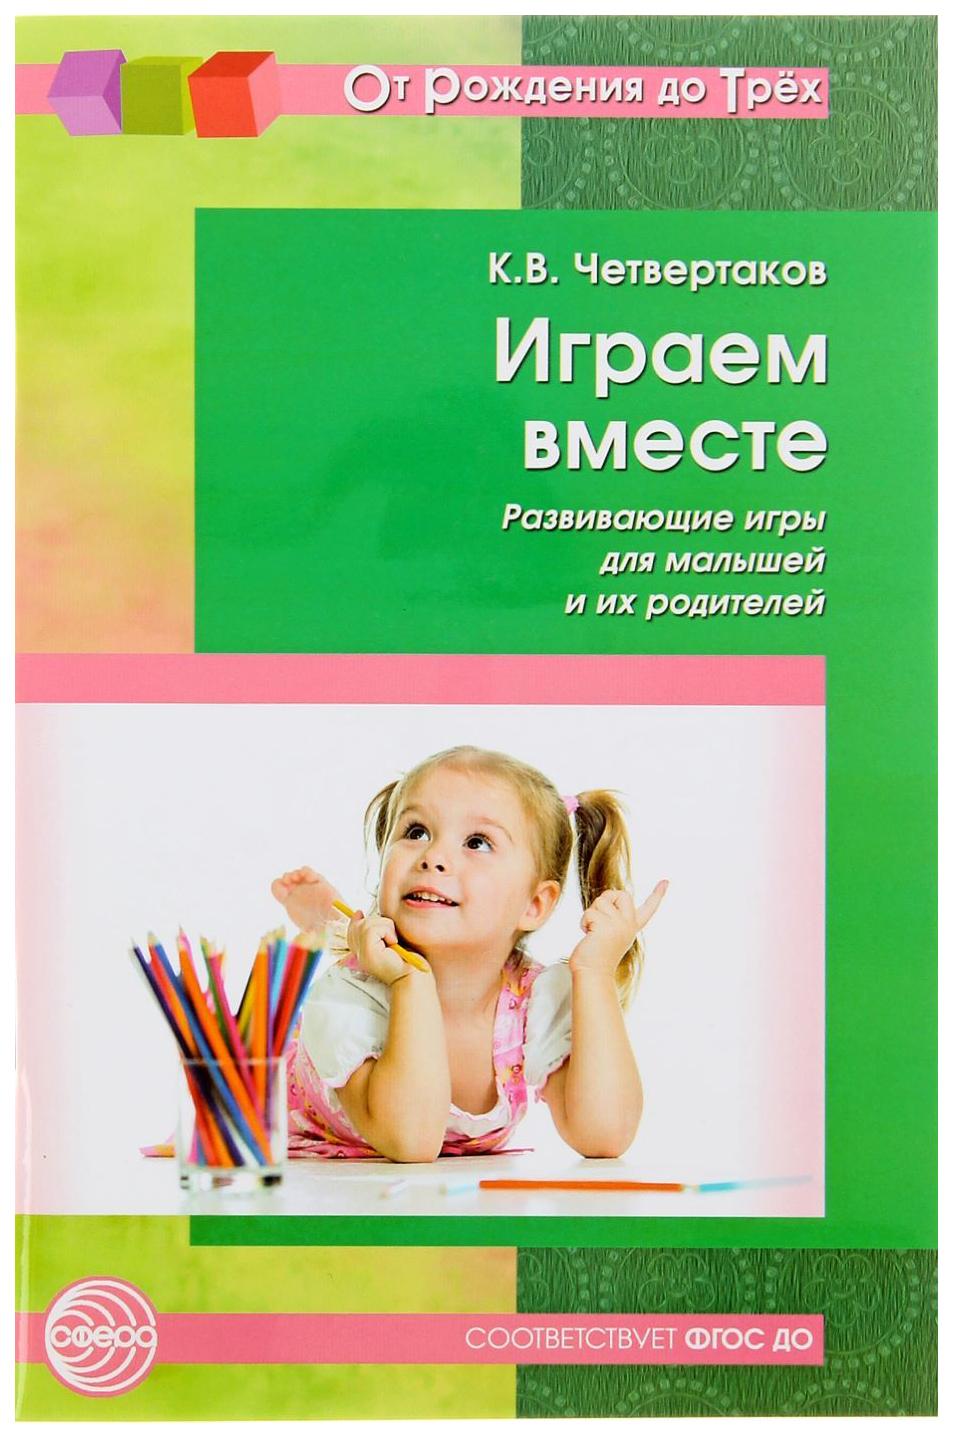 Книга Сфера Четвертаков к.В. Играем Вместе. Развивающие Игры для Малышей и Их Родителей